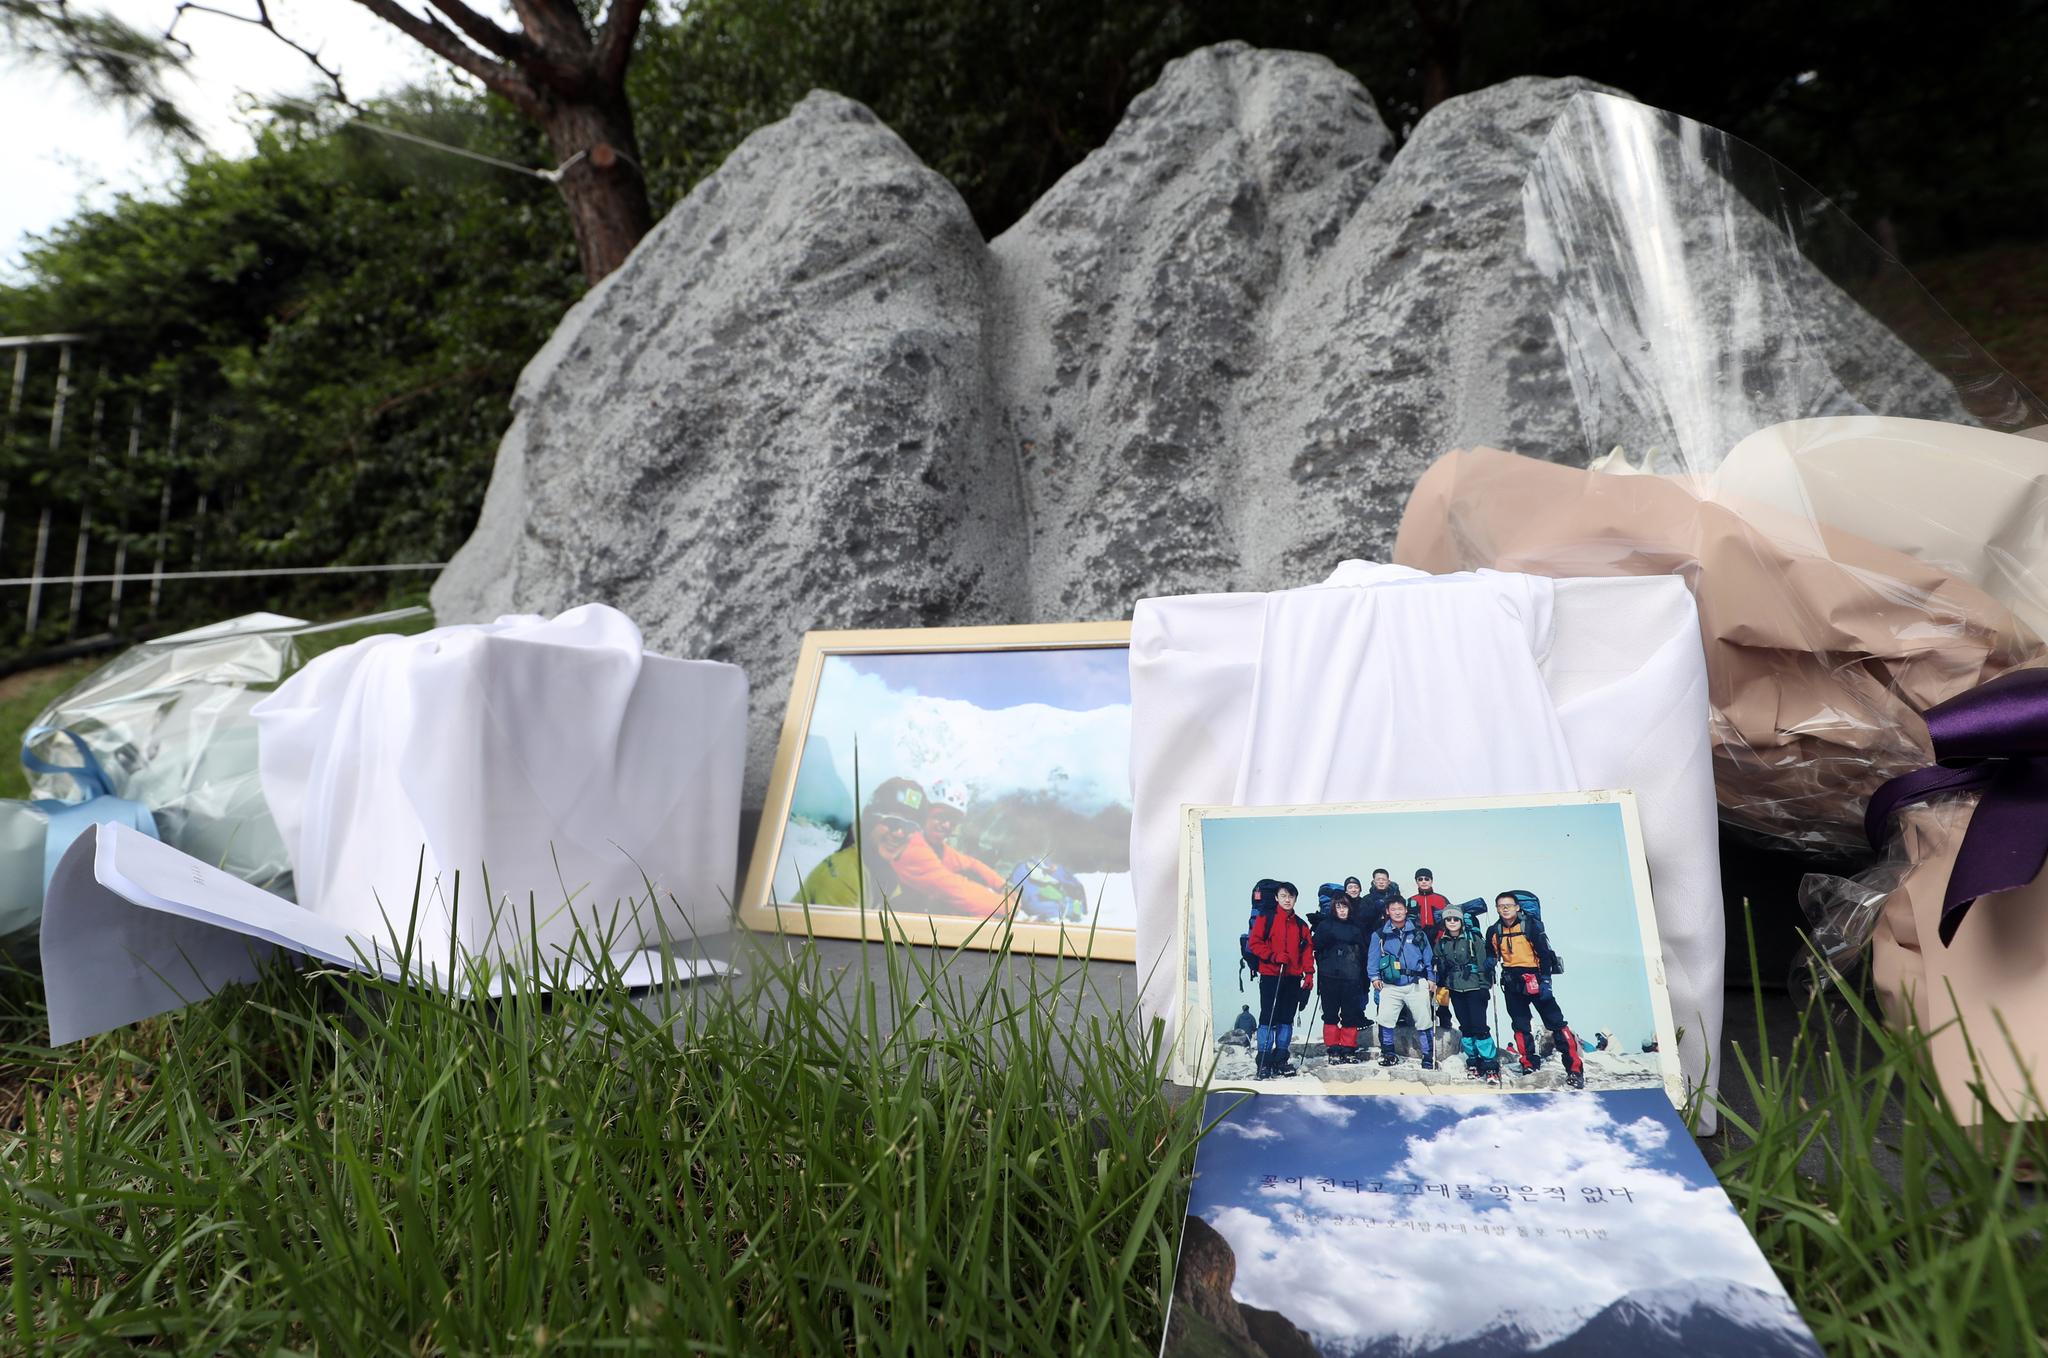 10년 전 히말라야에서 실종됐던 고 민준영(당시 36세),·박종성 대원(당시 42세)의 유골함이 17일 청주고인쇄박물관 추모비 앞에 놓여있다. [뉴스1]